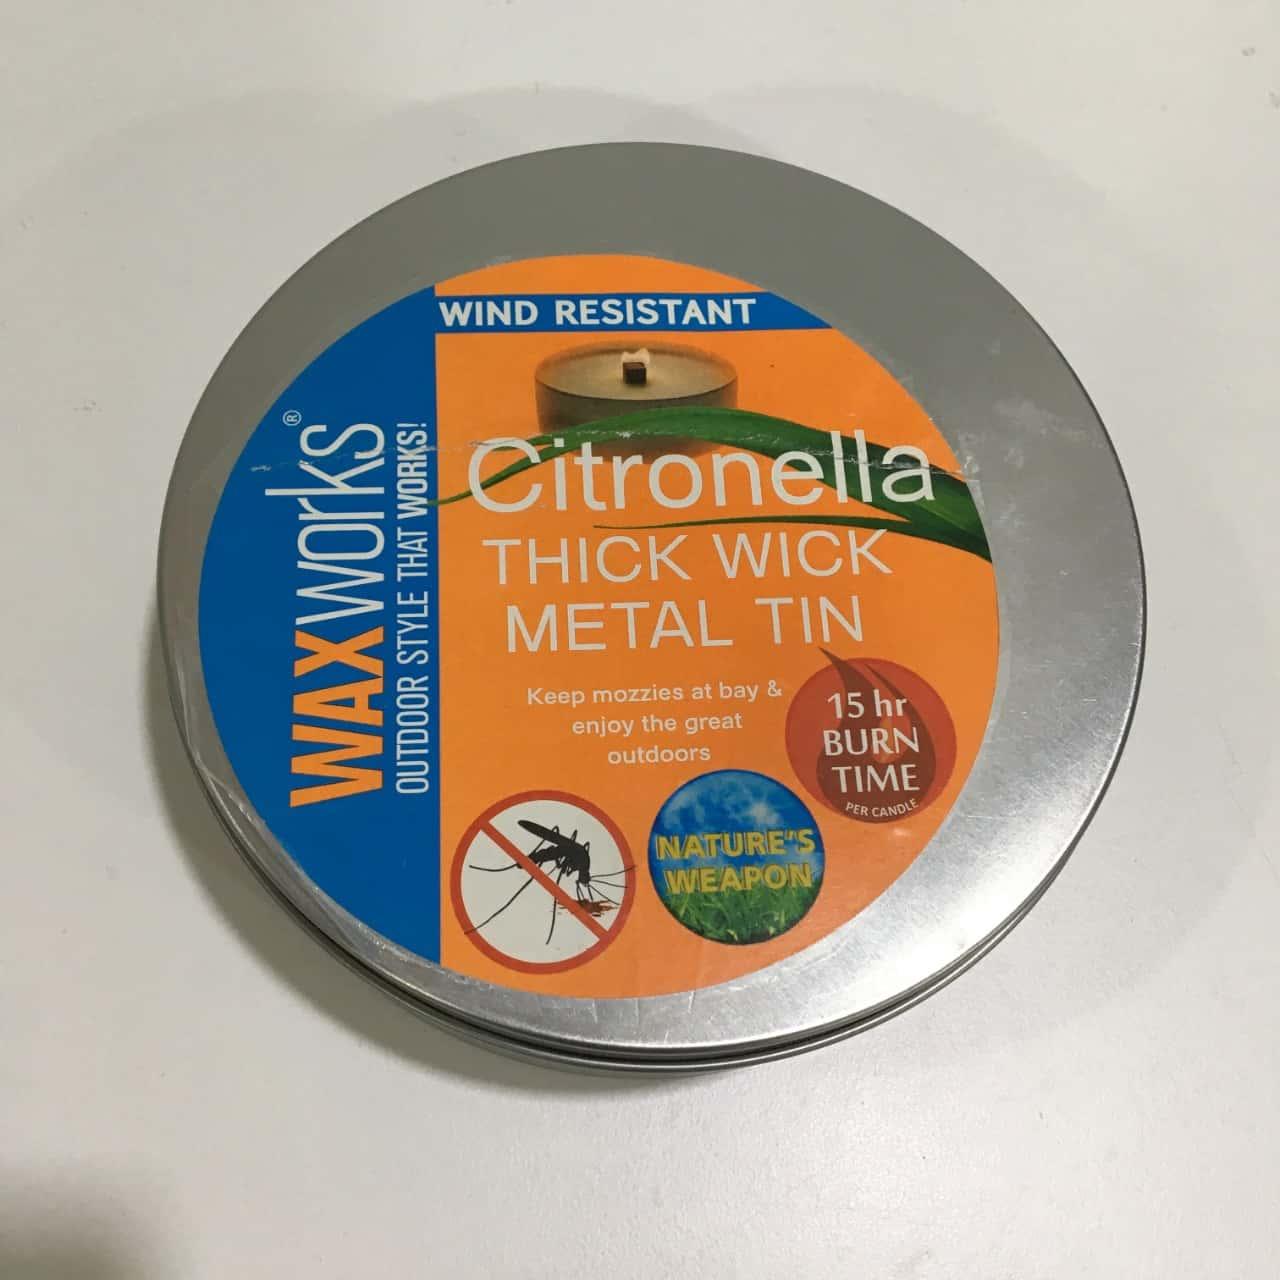 Citronella Thick Wick Metal Tin